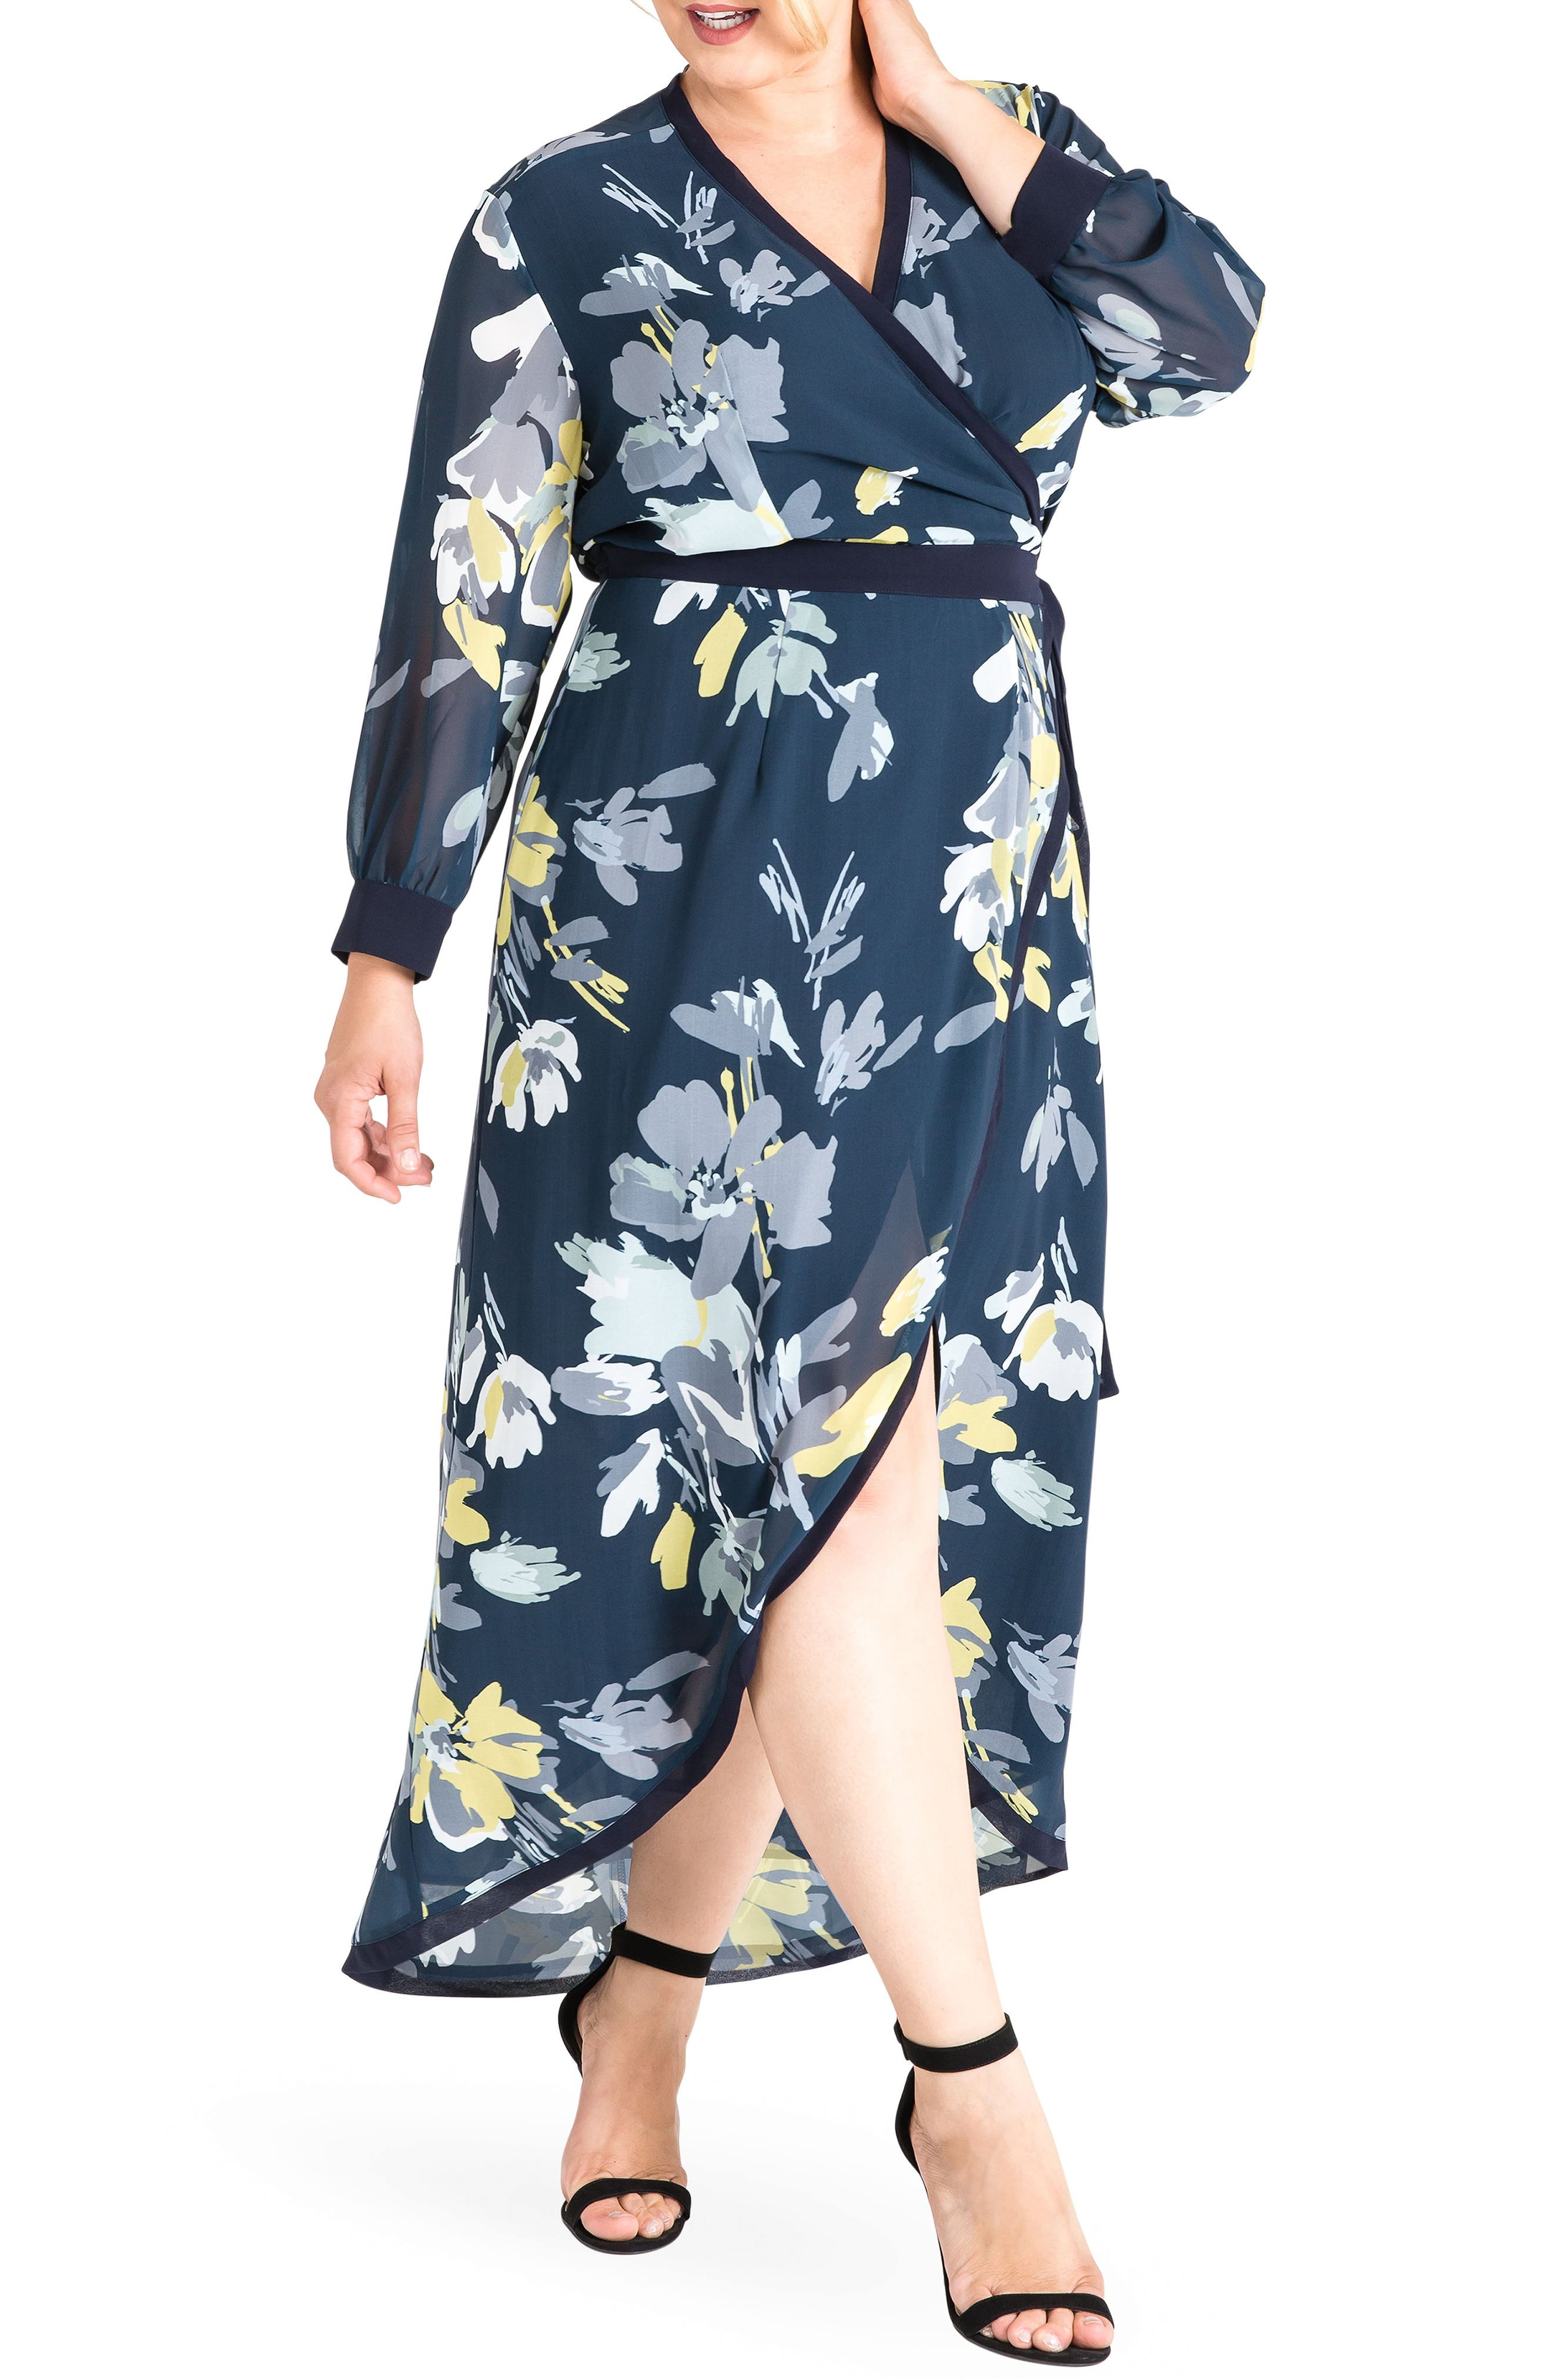 Main Image - Standards & Practices Elle High/Low Wrap Dress (Plus Size)